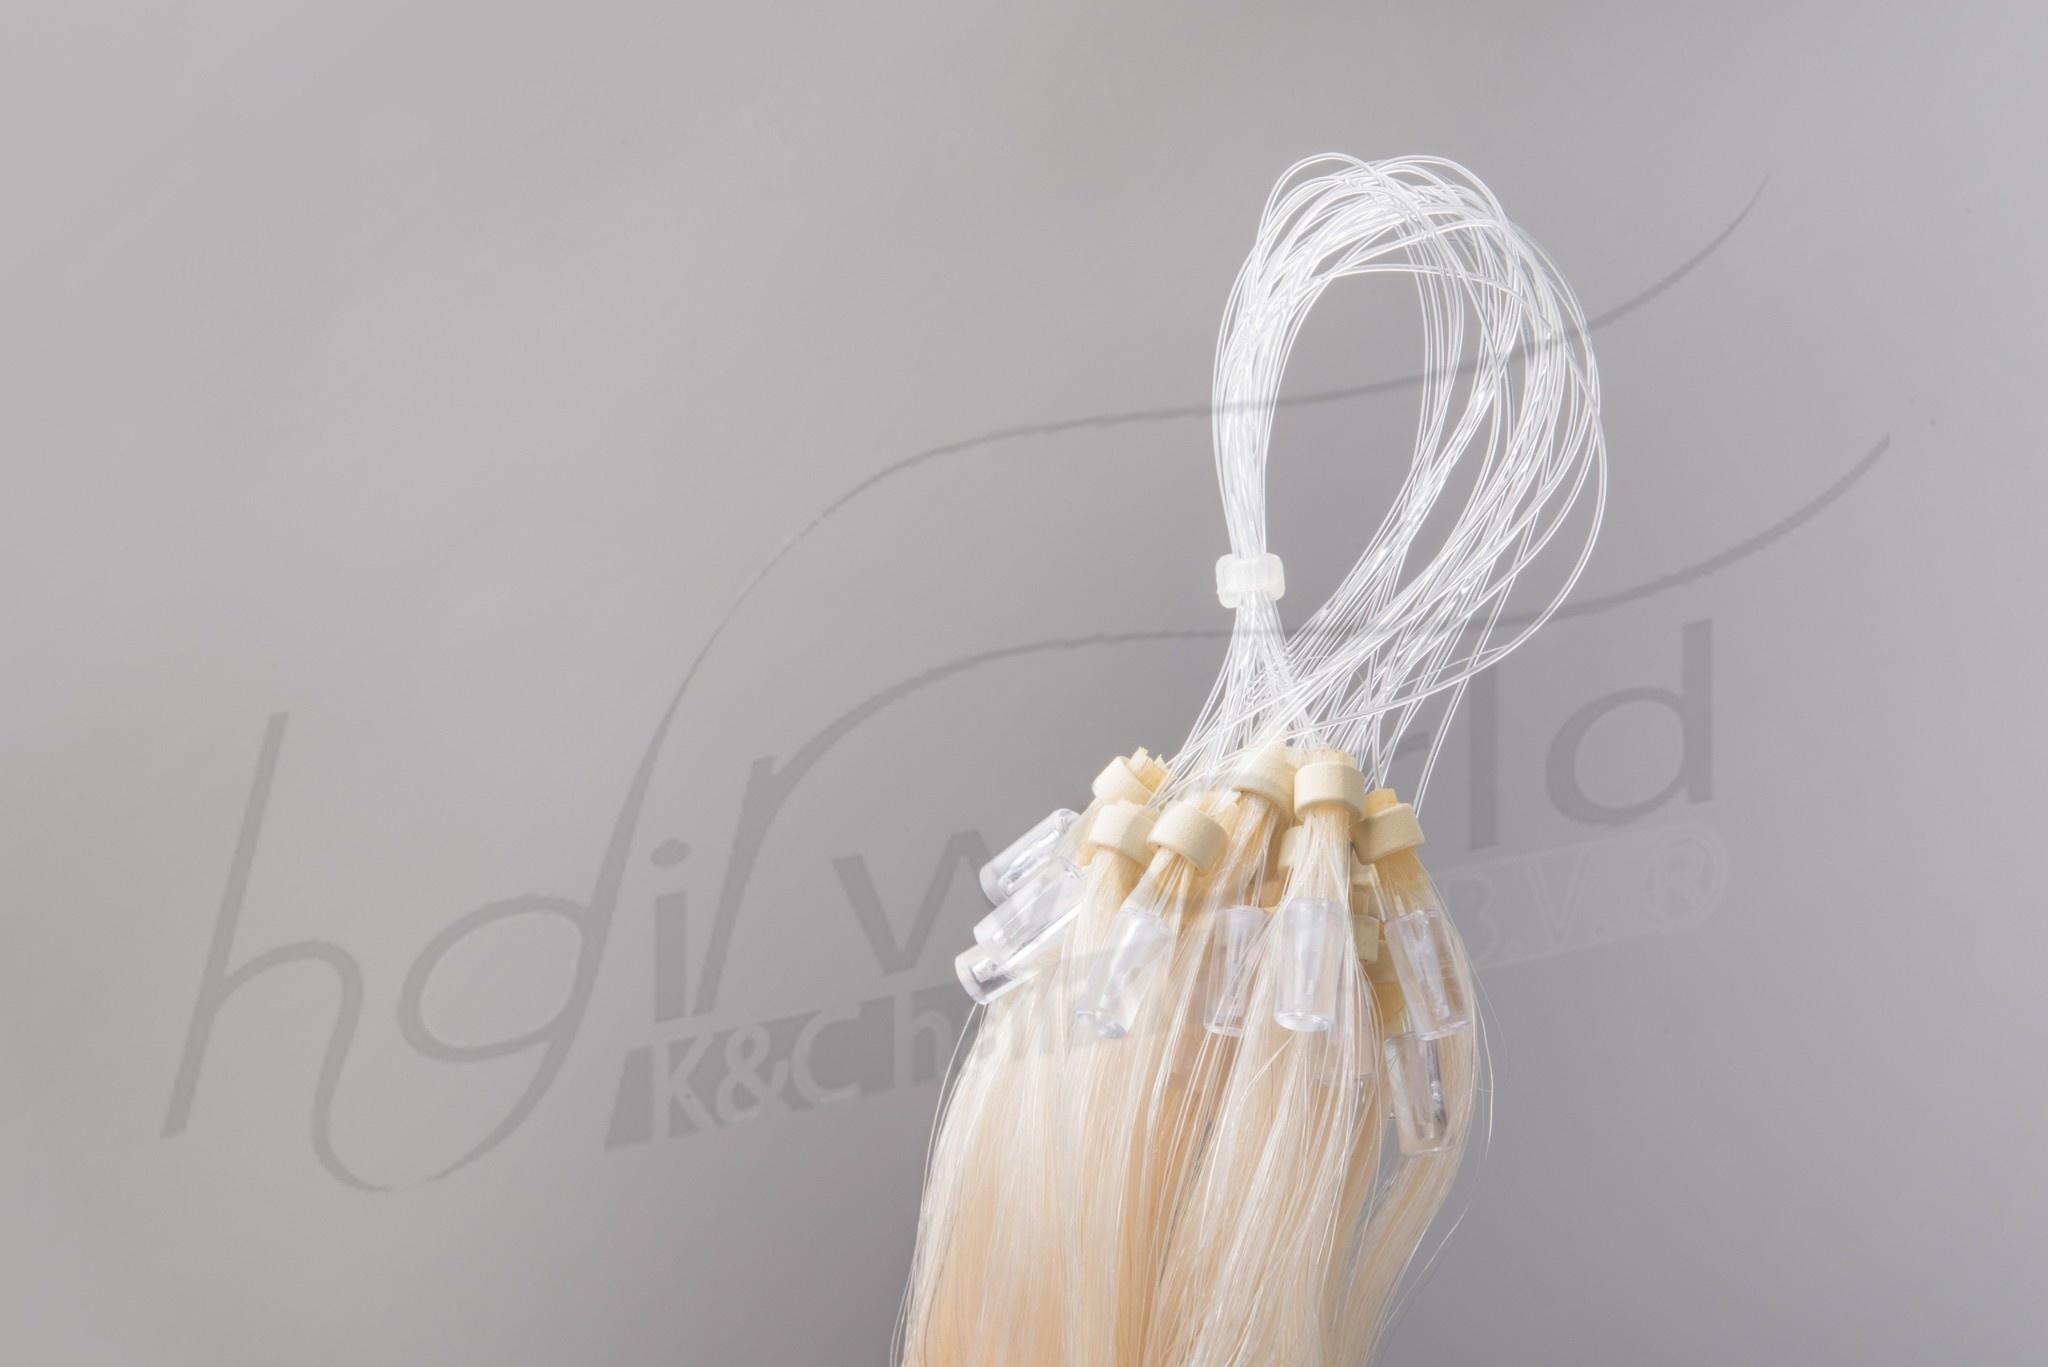 SilverFox Microring Loopring  Extensions - Steil - #60 White Blonde